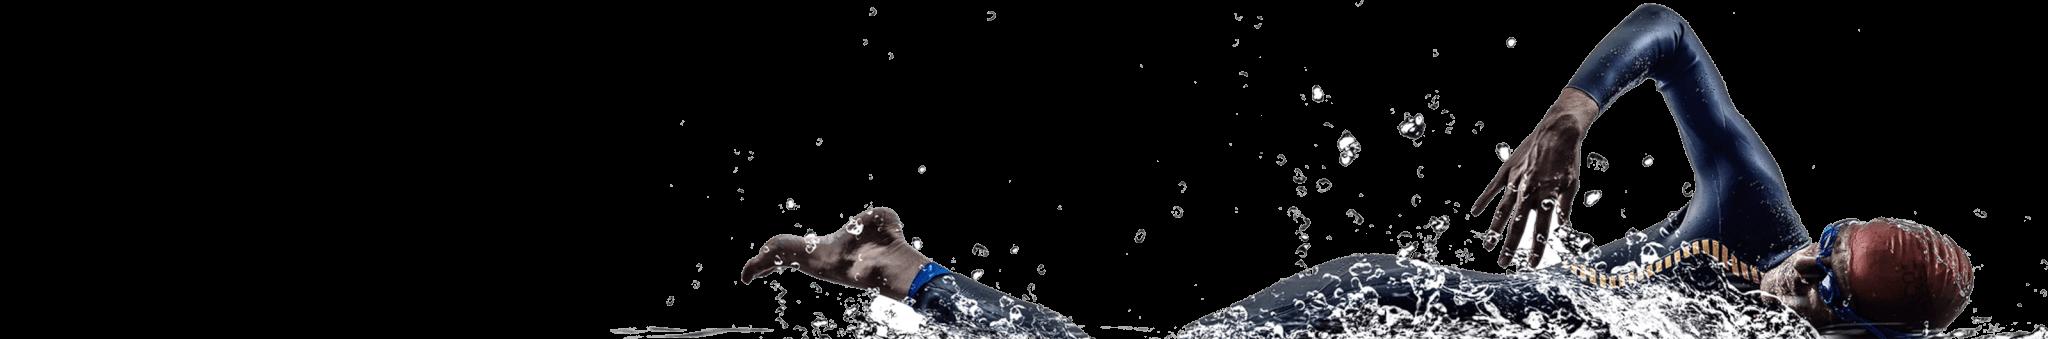 Nadador neopreno